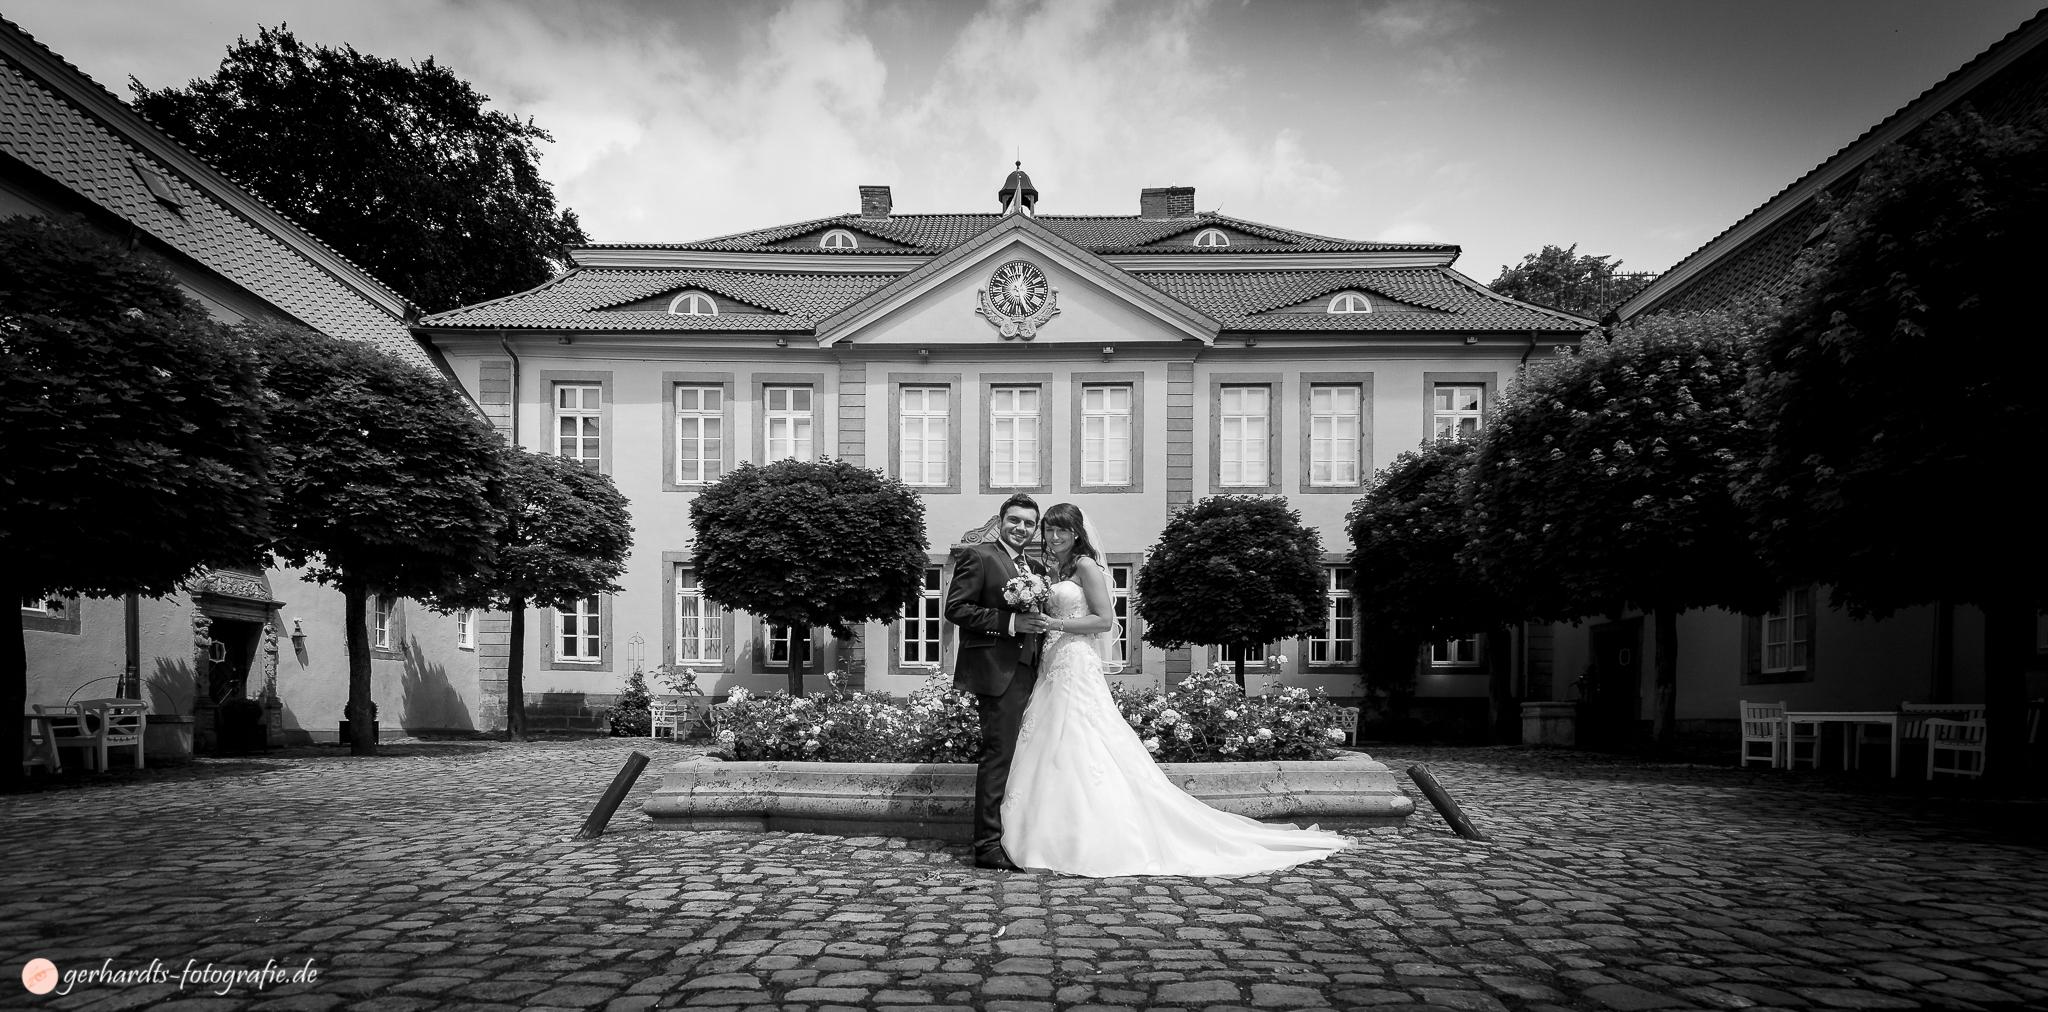 Hochzeitsfotograf Göttingen | Paarbild 17 | Hochzeitsfotografie